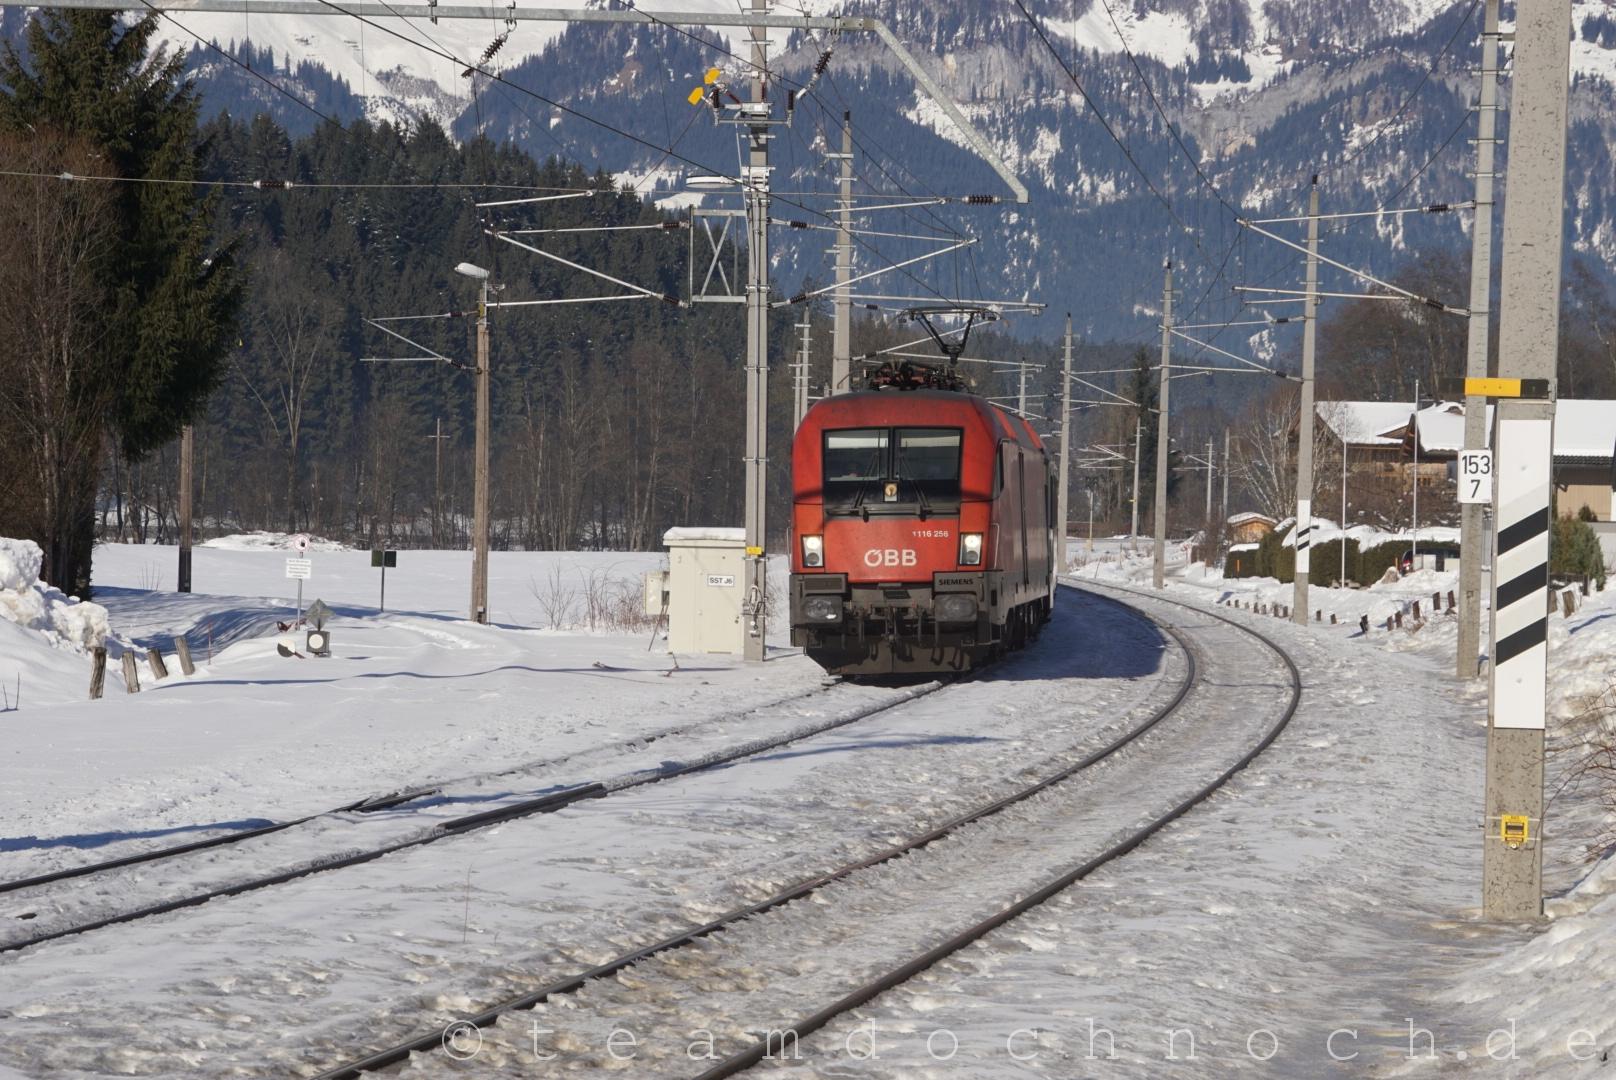 1116 256 südlich vom Bahnhof von Oberndorf in Tirol auf dem Weg Richtung Innsbruck